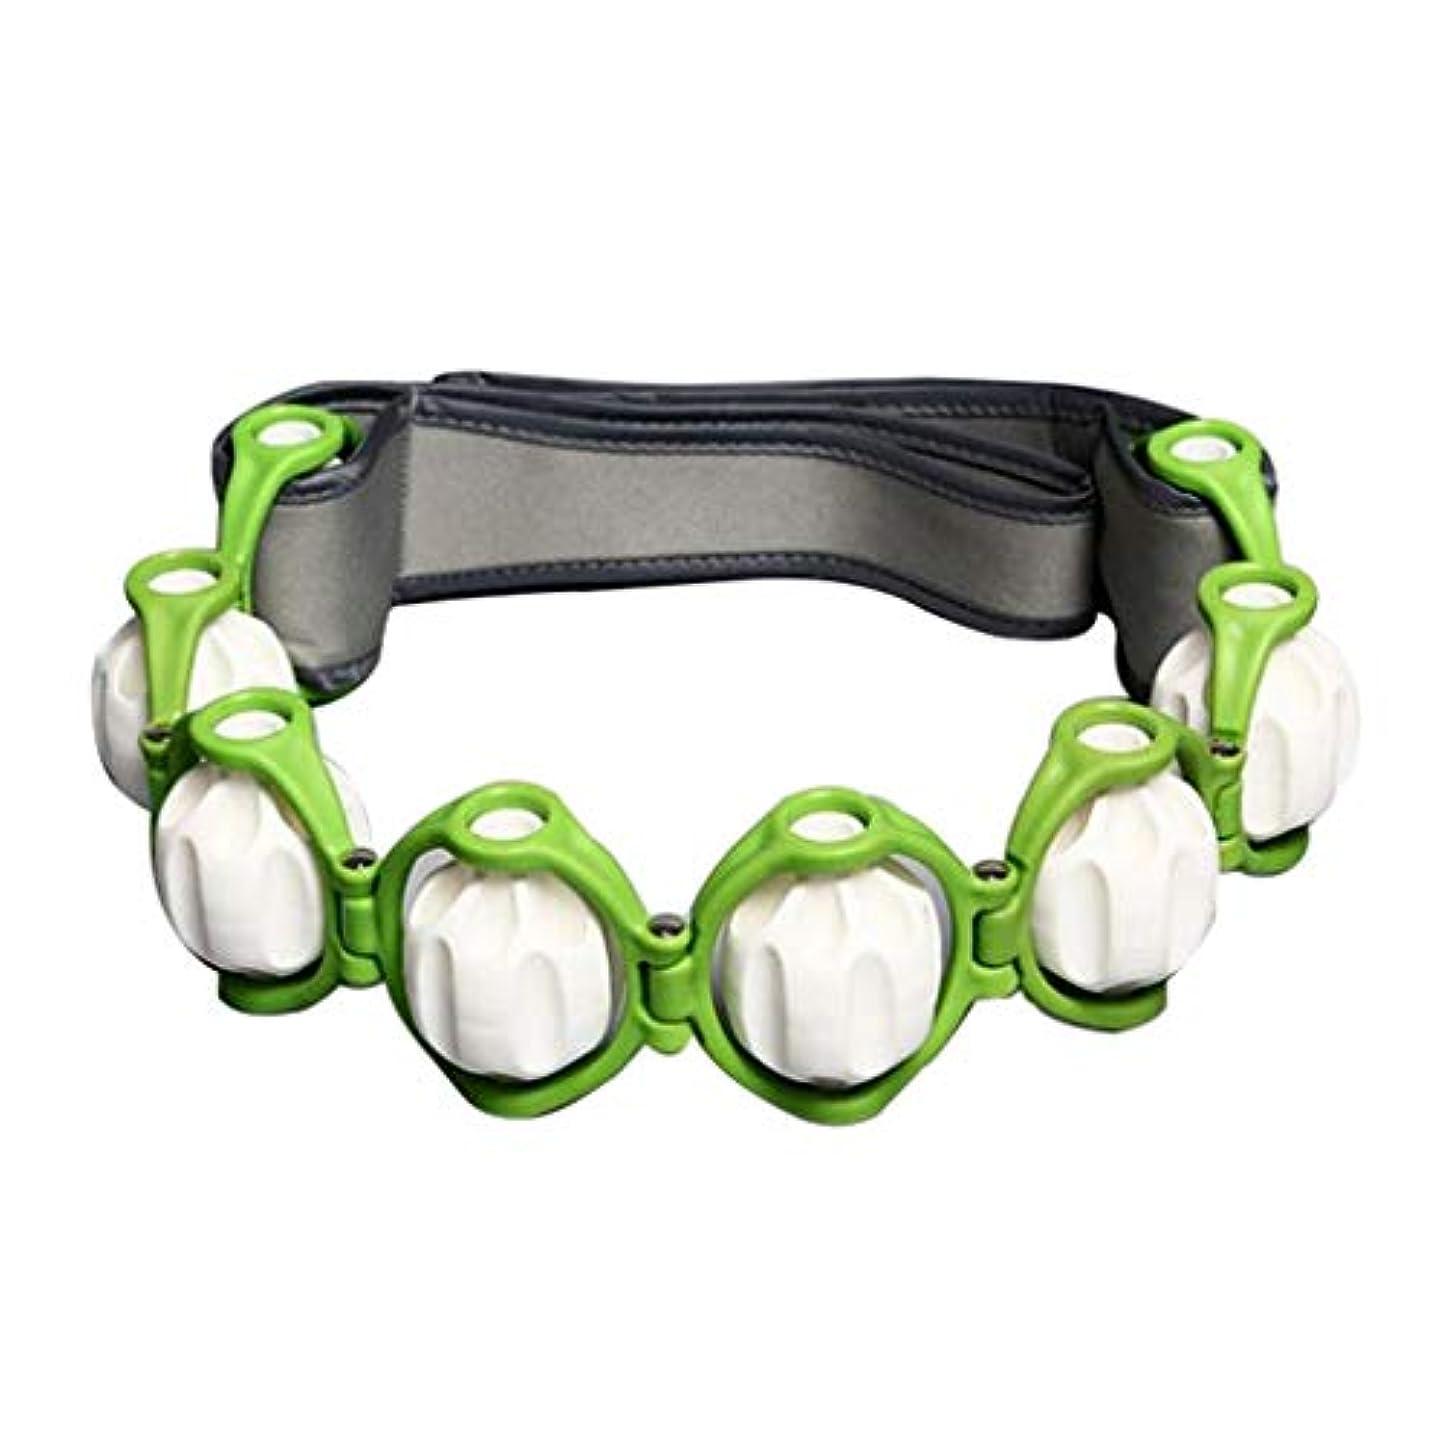 復活意味する重さボディマッサージローラー ロープ ショルダー ネック フット マッサージツール 4色選べ - 緑, 説明したように